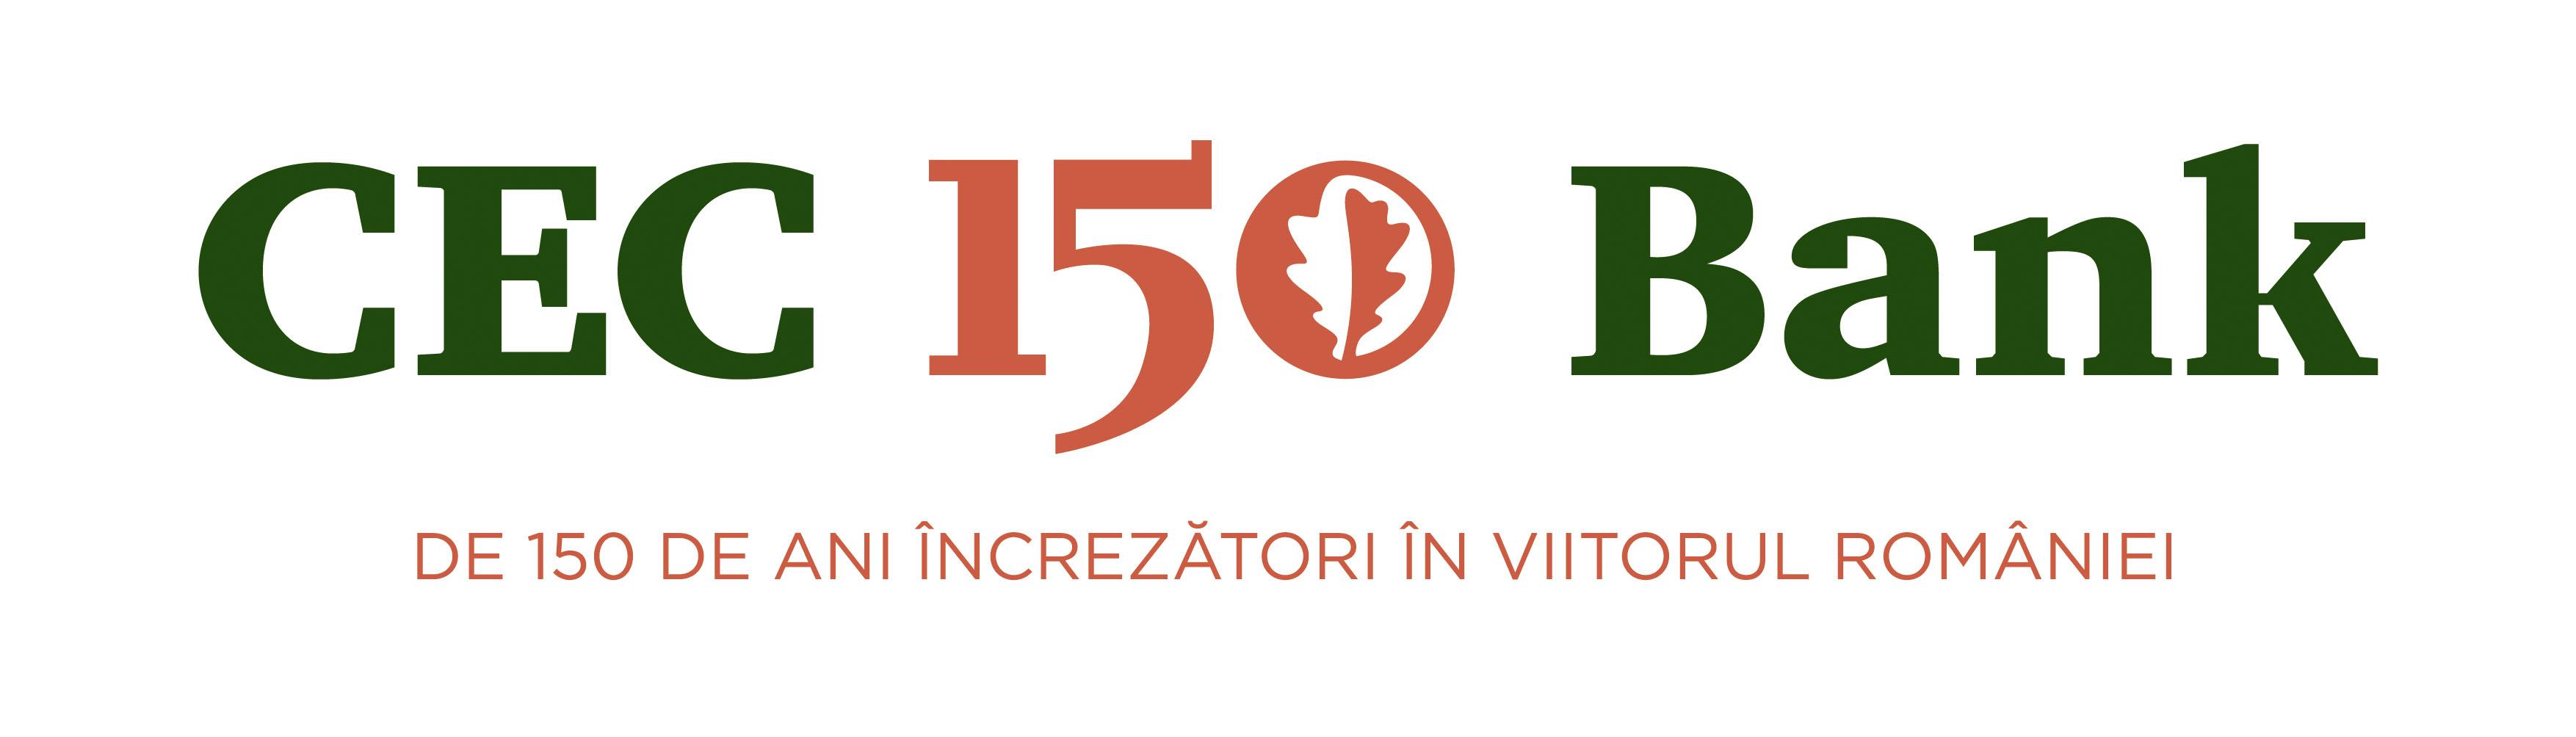 logo CEC 150 297x85